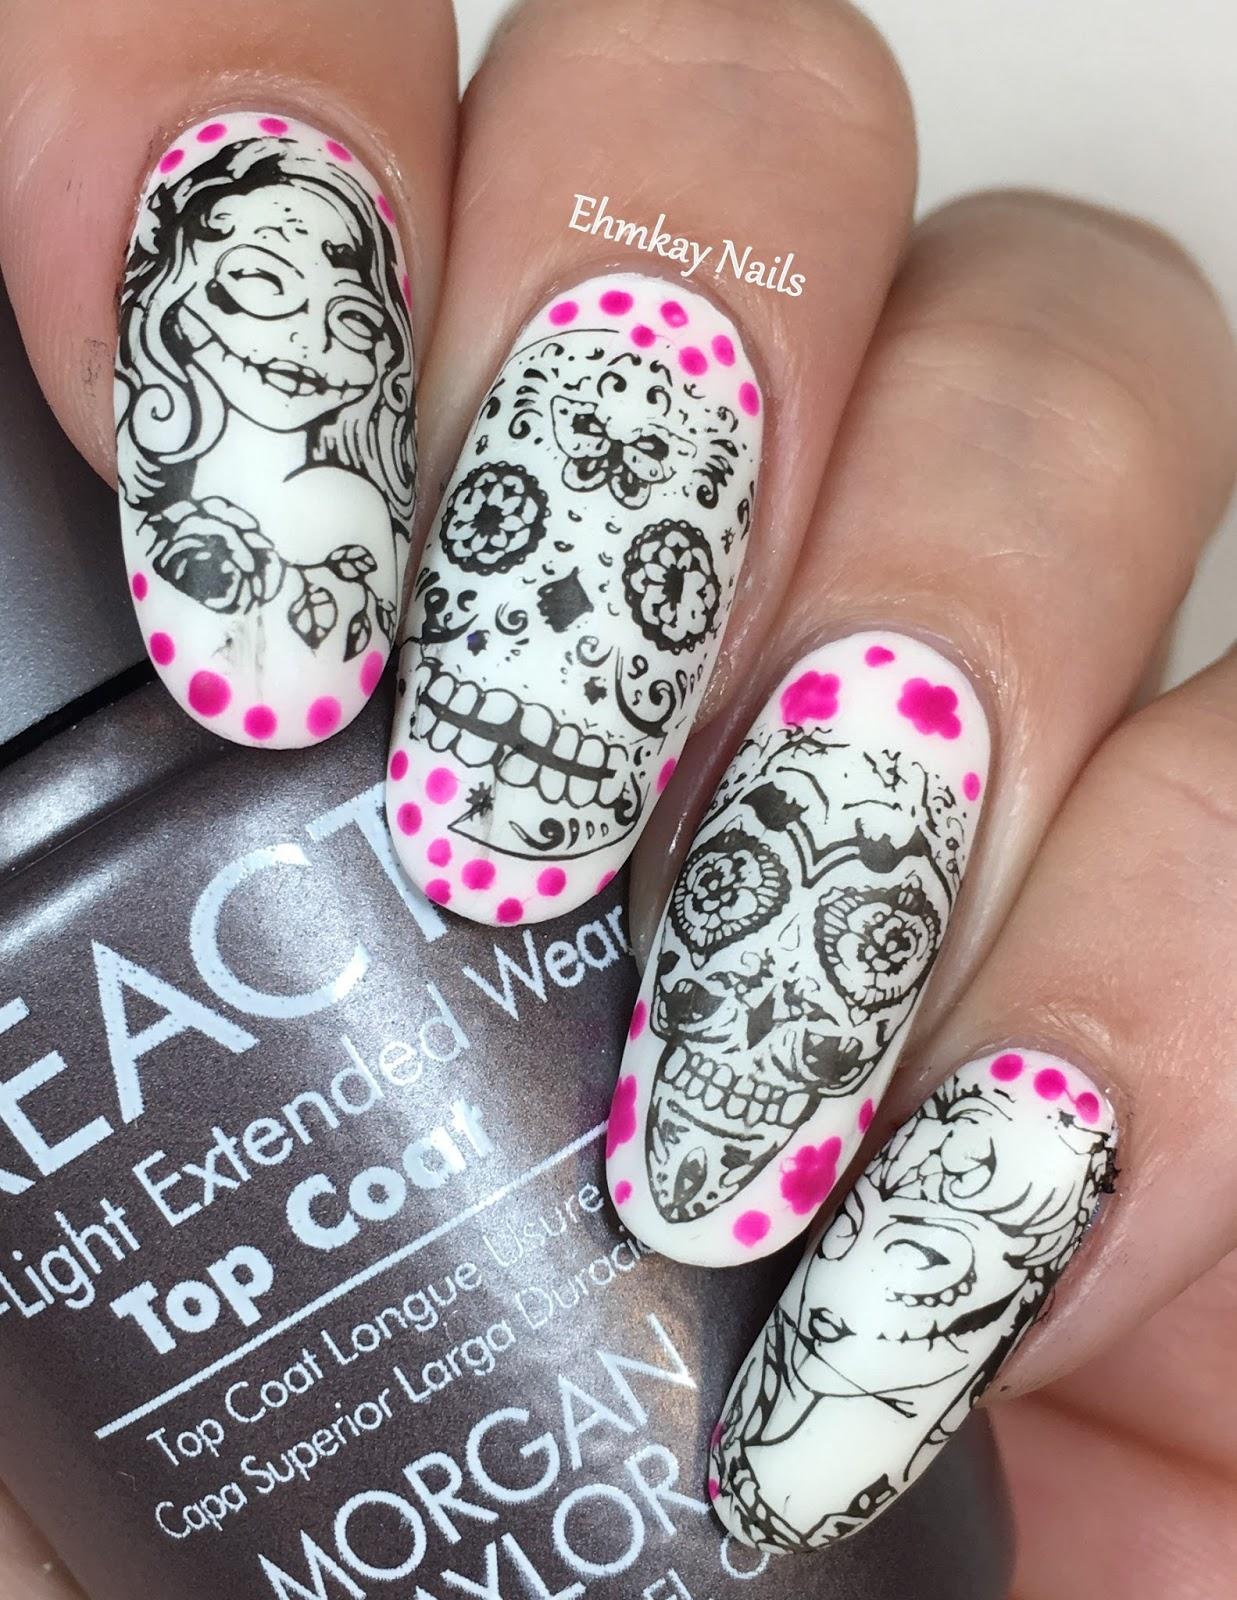 Ehmkay nails halloween nail art glow in the dark sugar skull halloween nail art glow in the dark sugar skull nail art with morgan taylor dia de los muertos prinsesfo Gallery